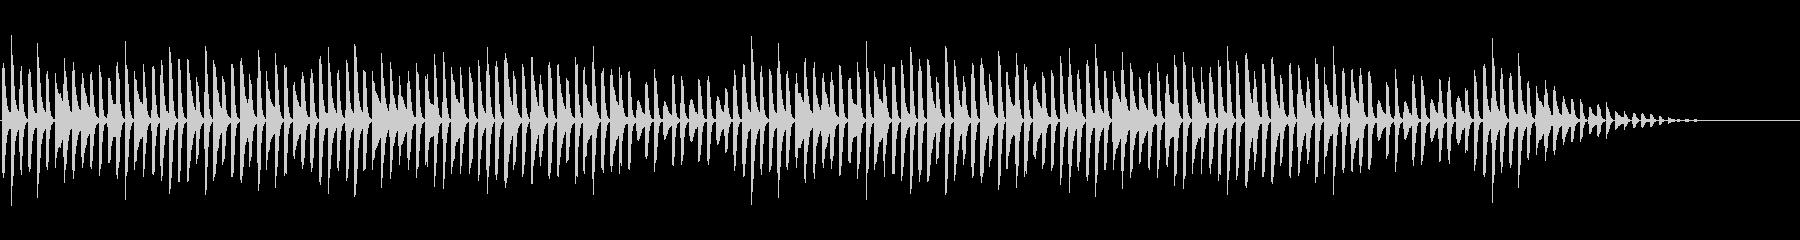 童謡「かっこう」シンプルなピアノソロの未再生の波形